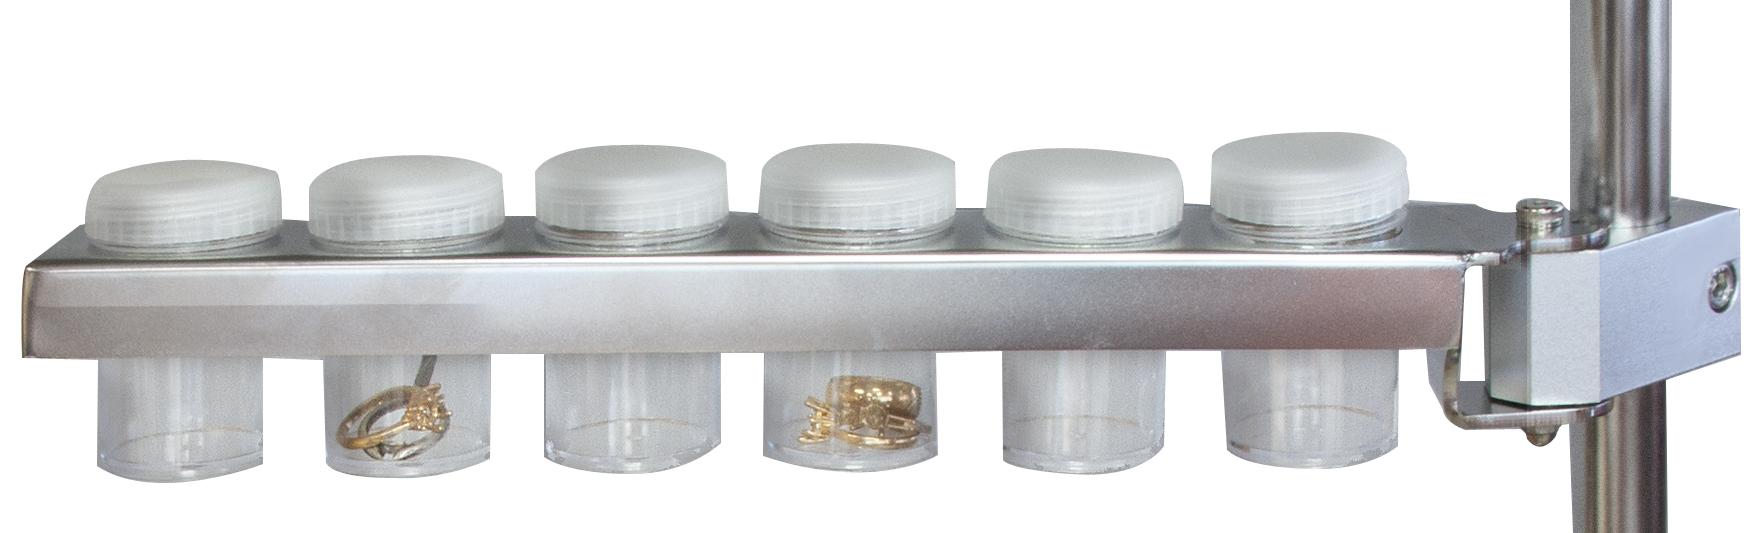 Haltearm mit 6 Kleinteildosen